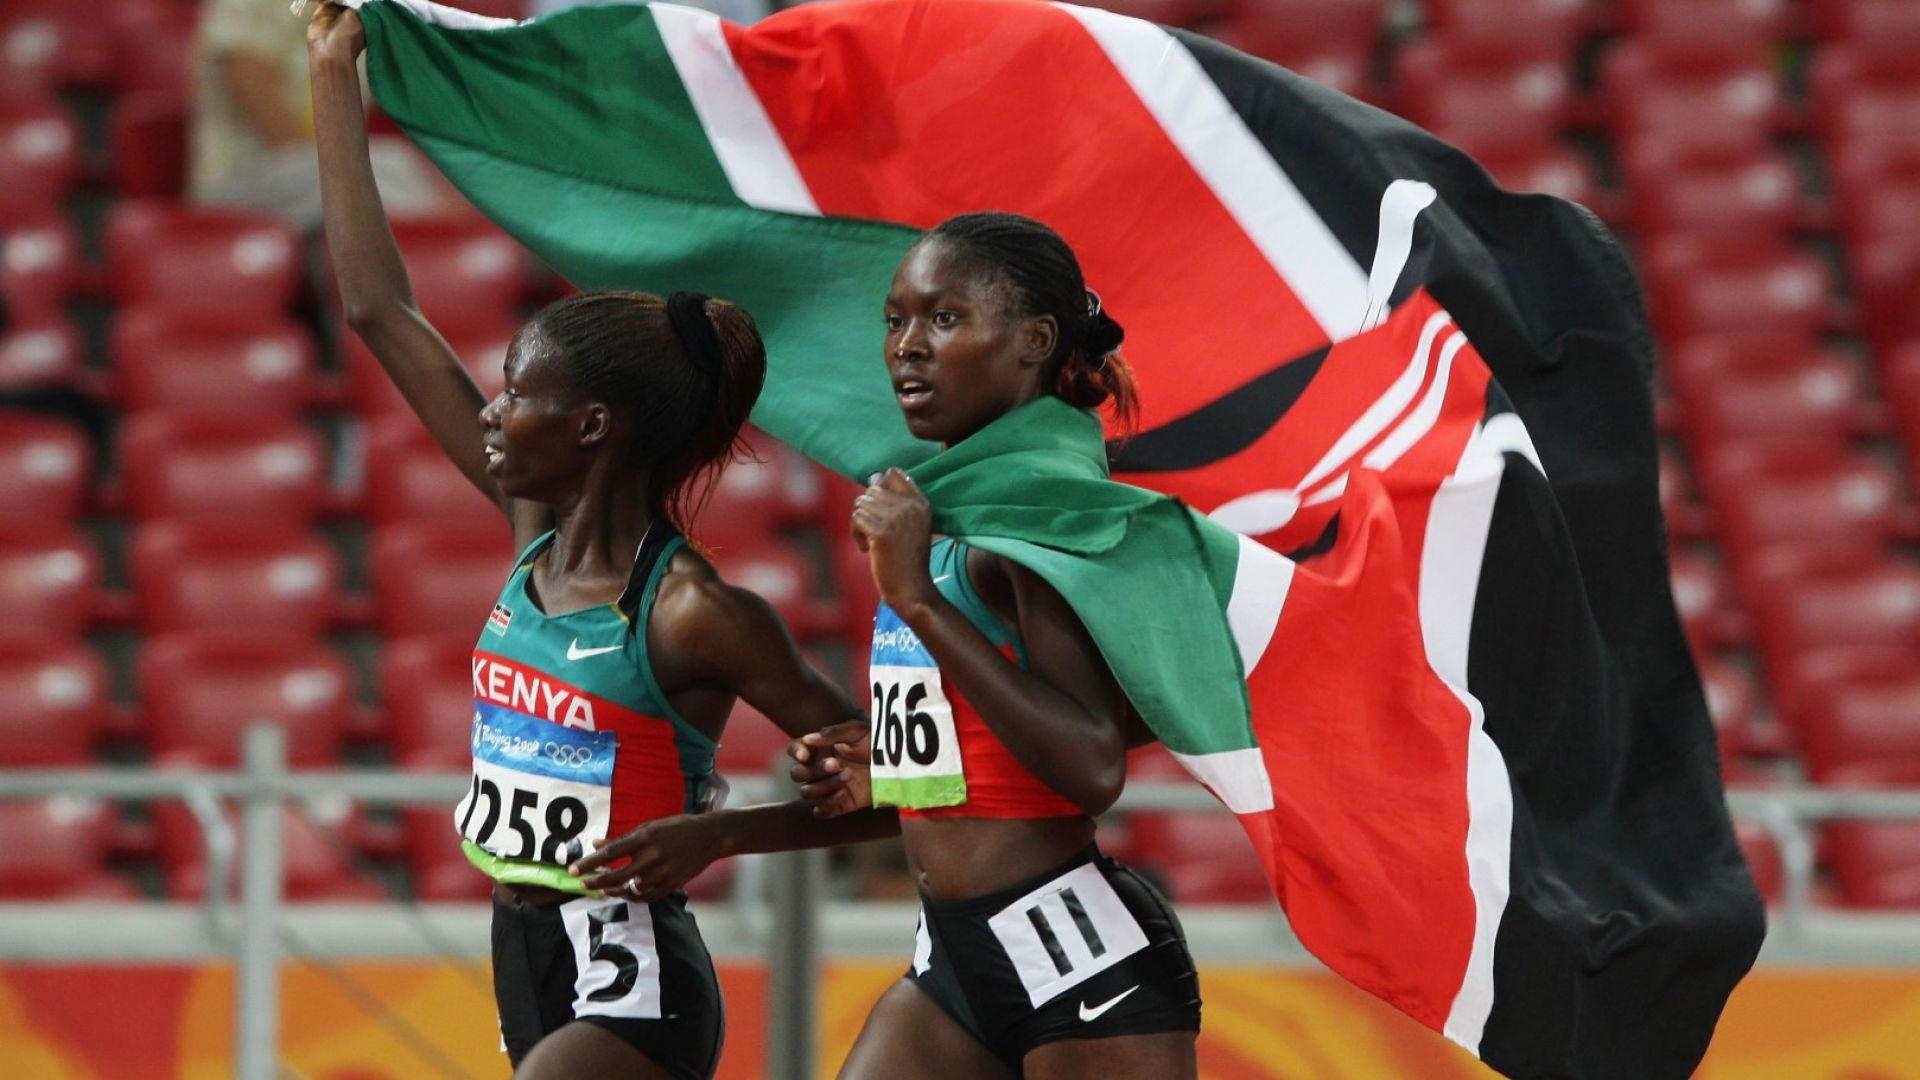 Отново допинг в Кения, наказаните вече са 43